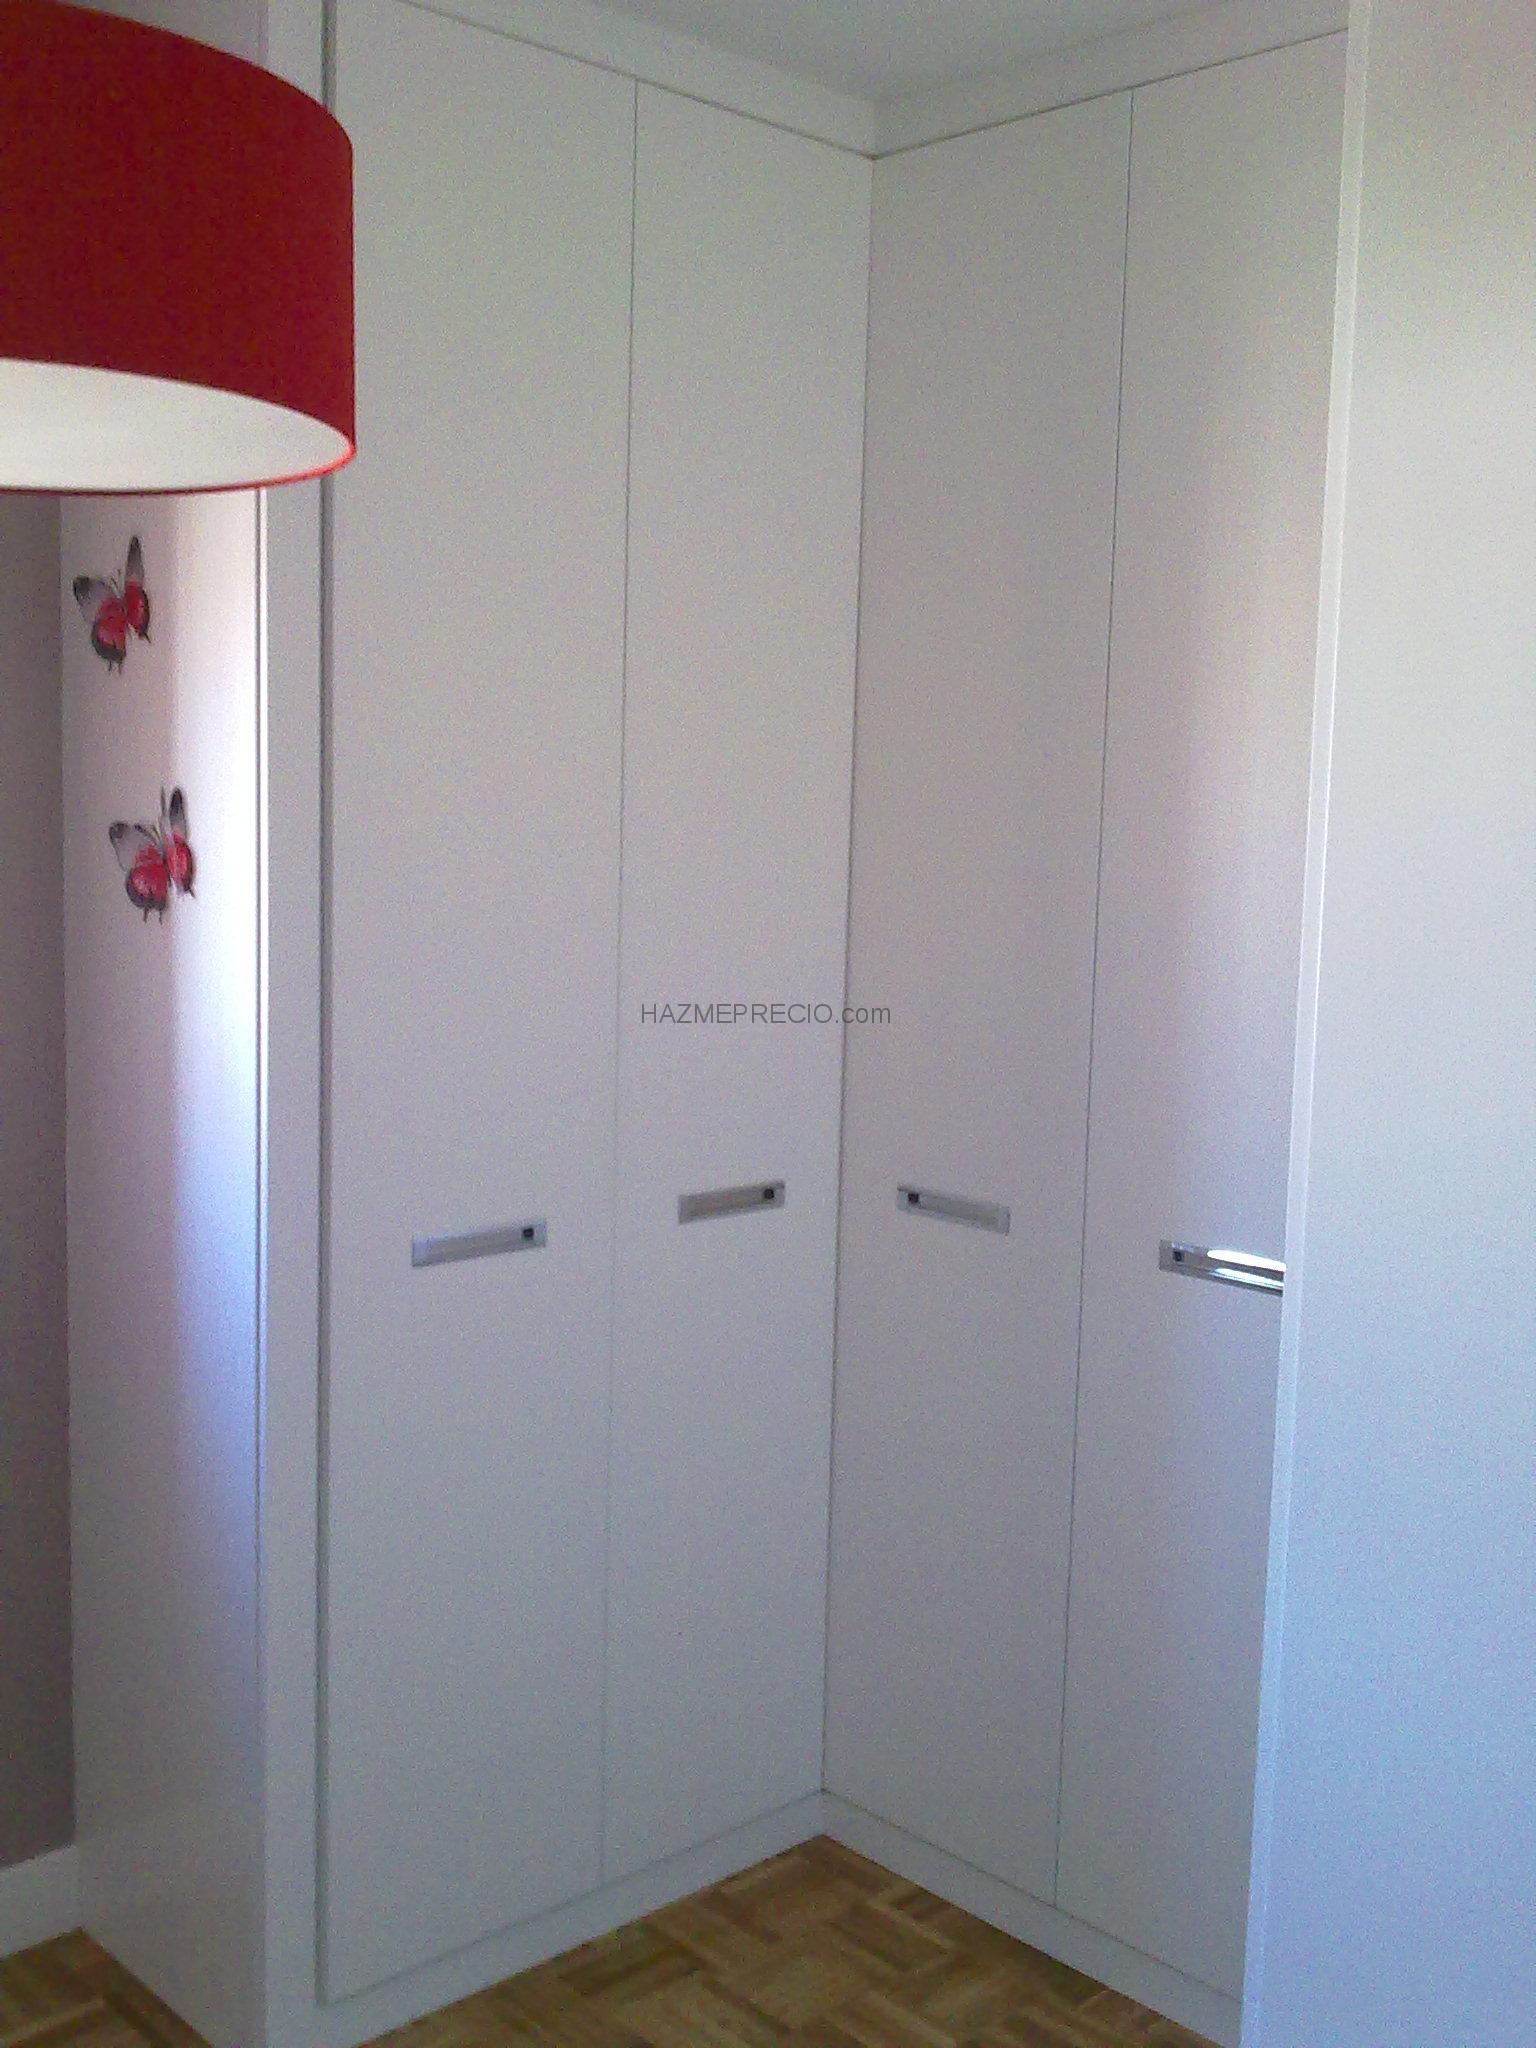 Presupuesto para poner tarima puertas interiores y cocina for Presupuesto puertas interior